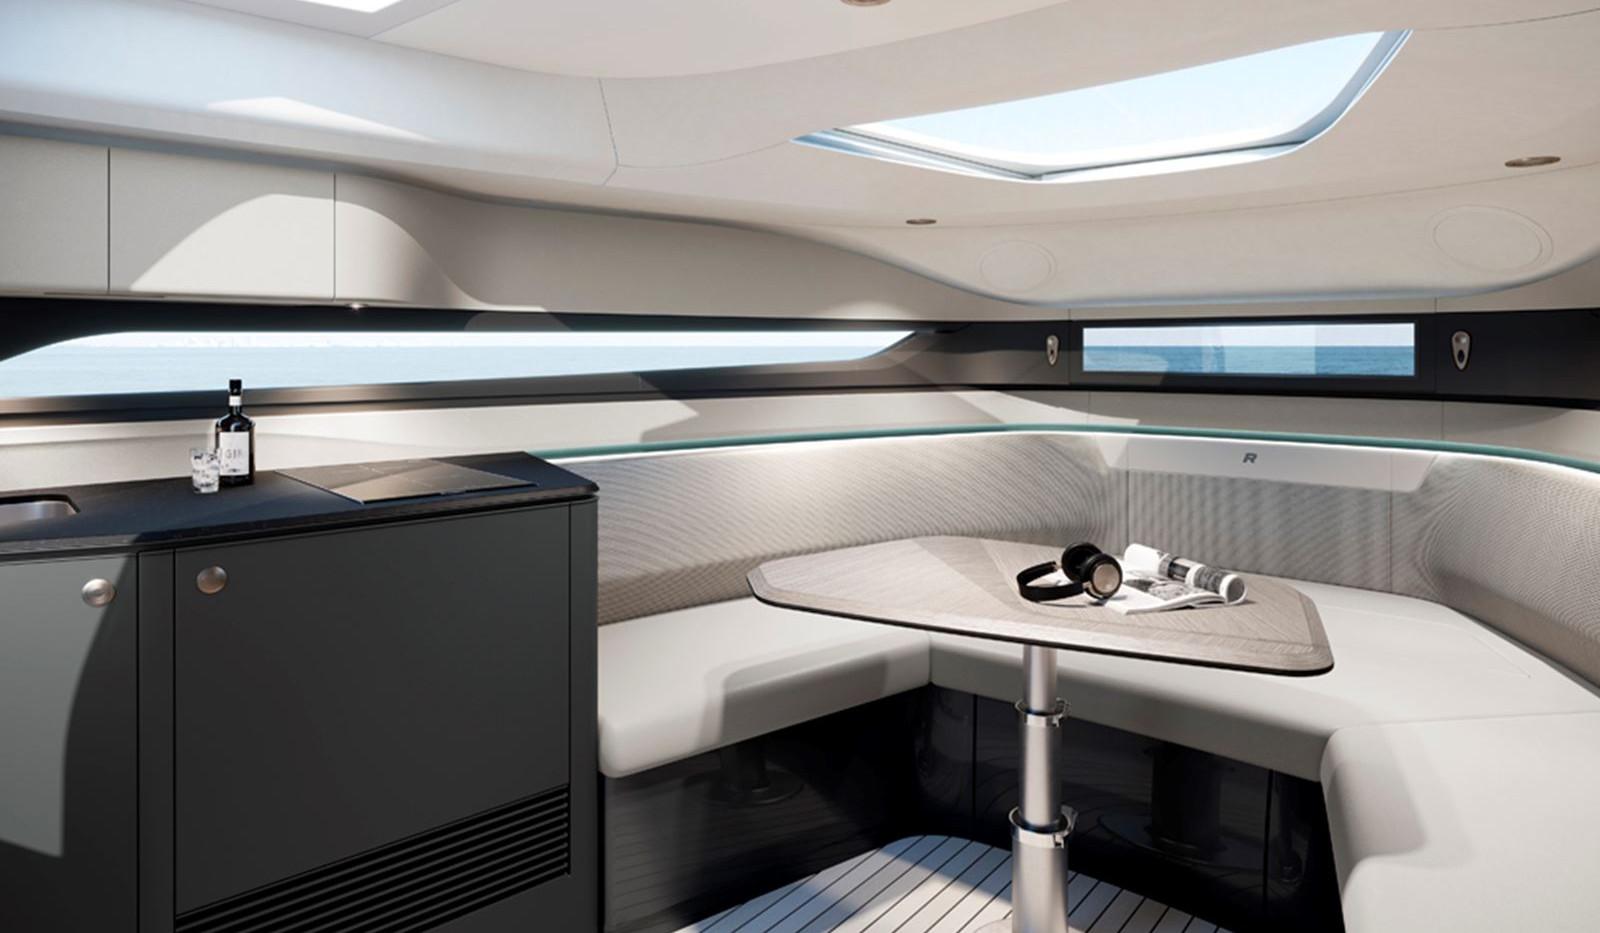 r35-cabin-verdigris-schemeAbromowitz Sha